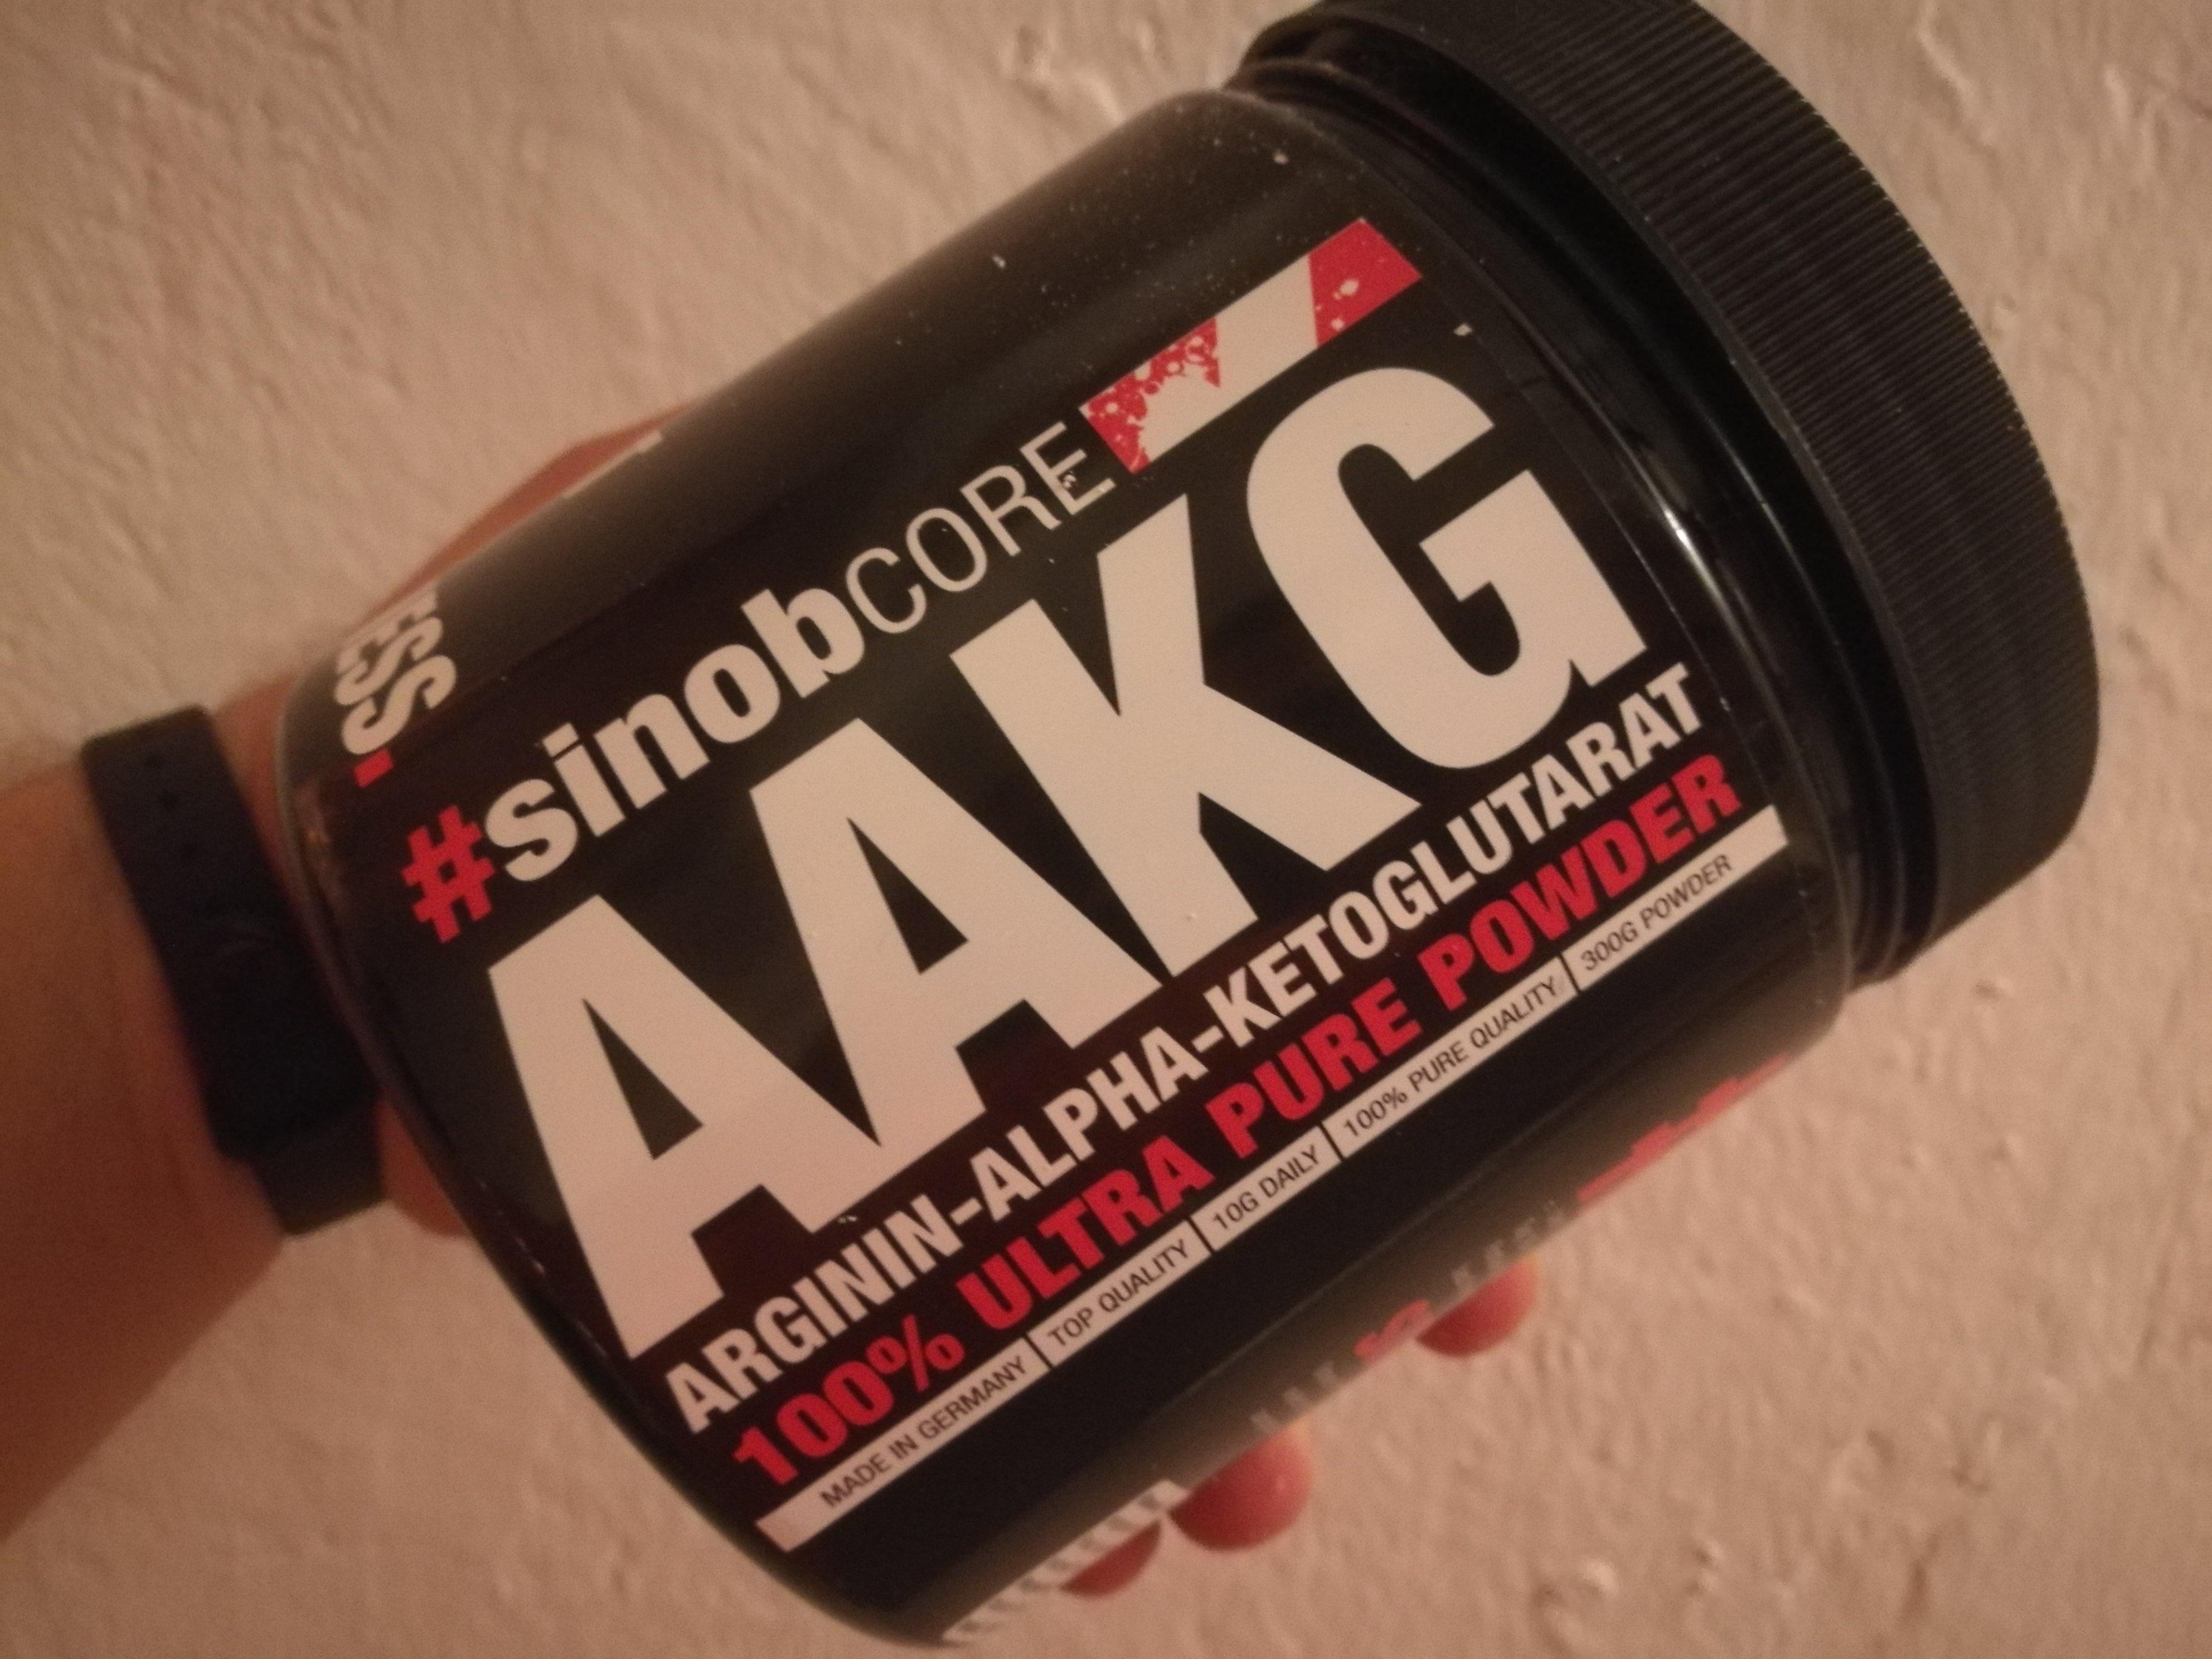 Core Arginin AKG Pulver 300g von Blackline 2.0 #sinob -Erfahrung / Produktreview